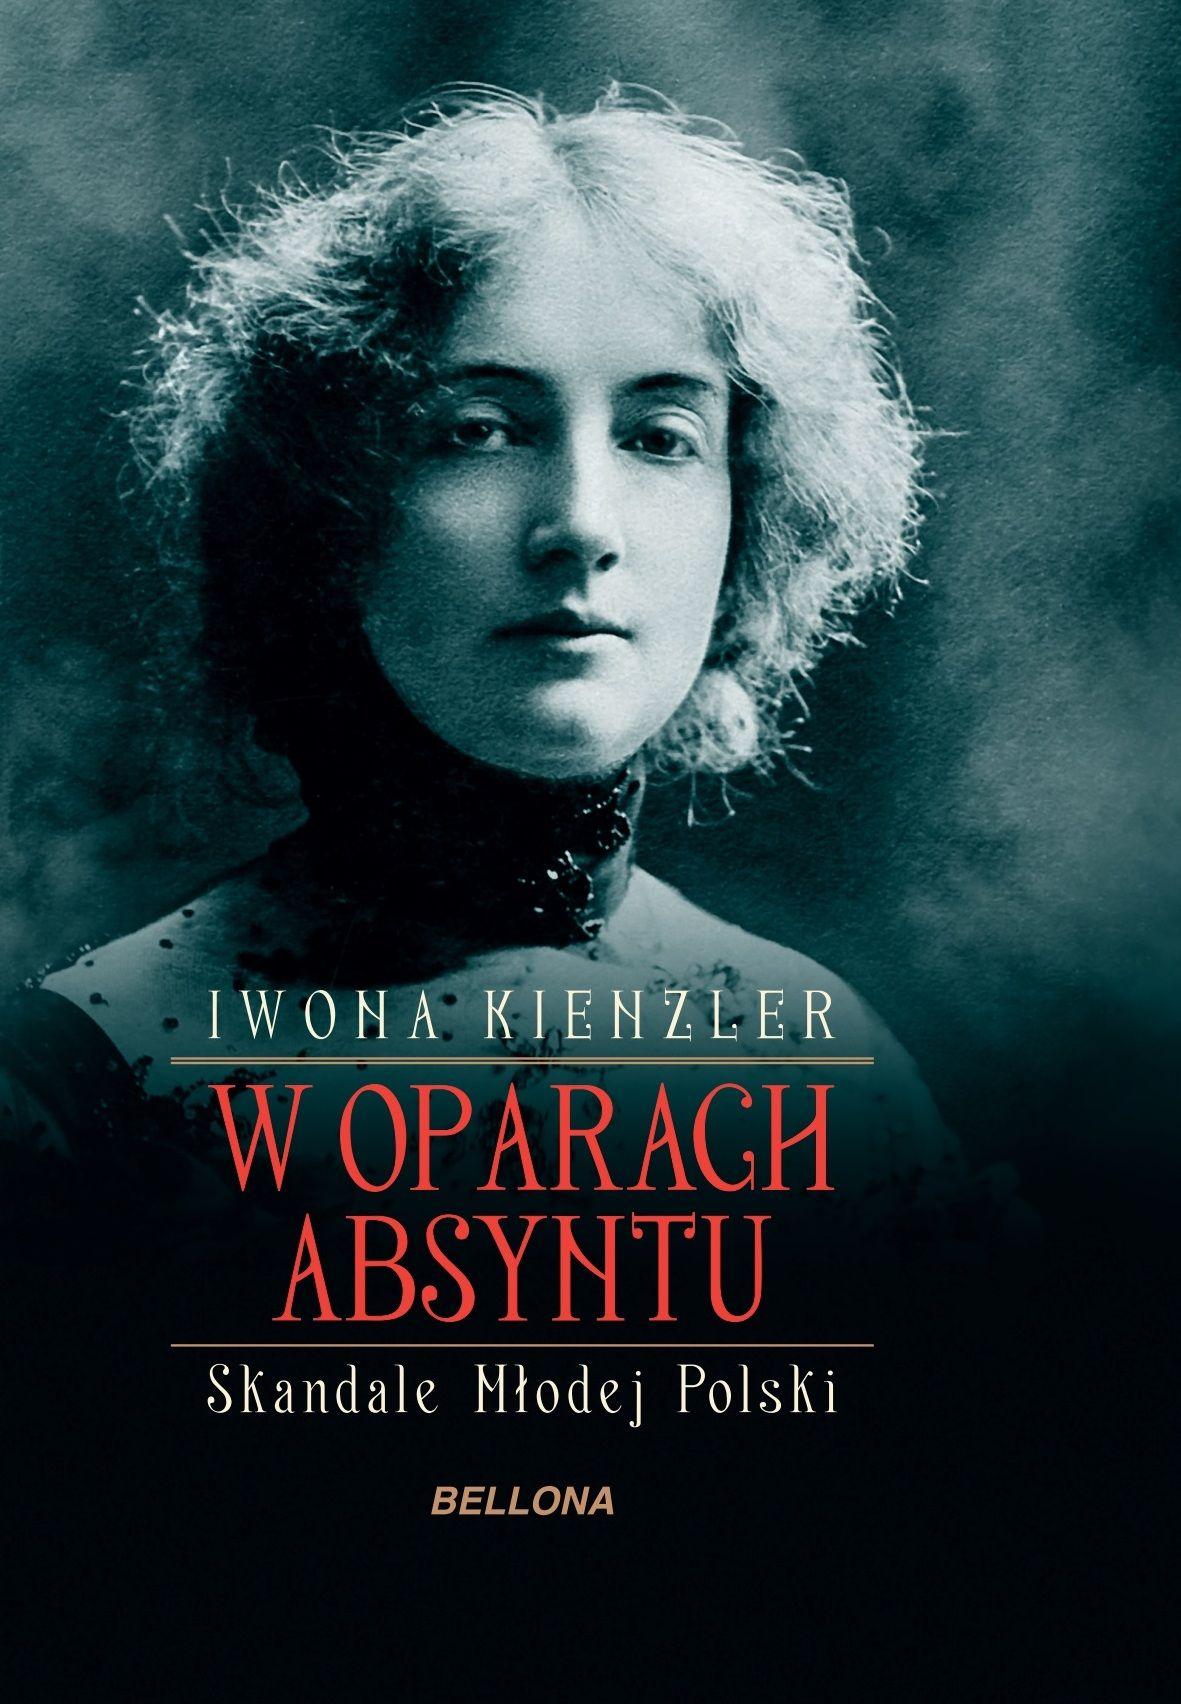 """Artykuł powstał między innymi na podstawie książki Iwony Kienzler pod tytułem """"W oparach absyntu. Skandale Młodej Polski"""" (Bellona 2017)."""